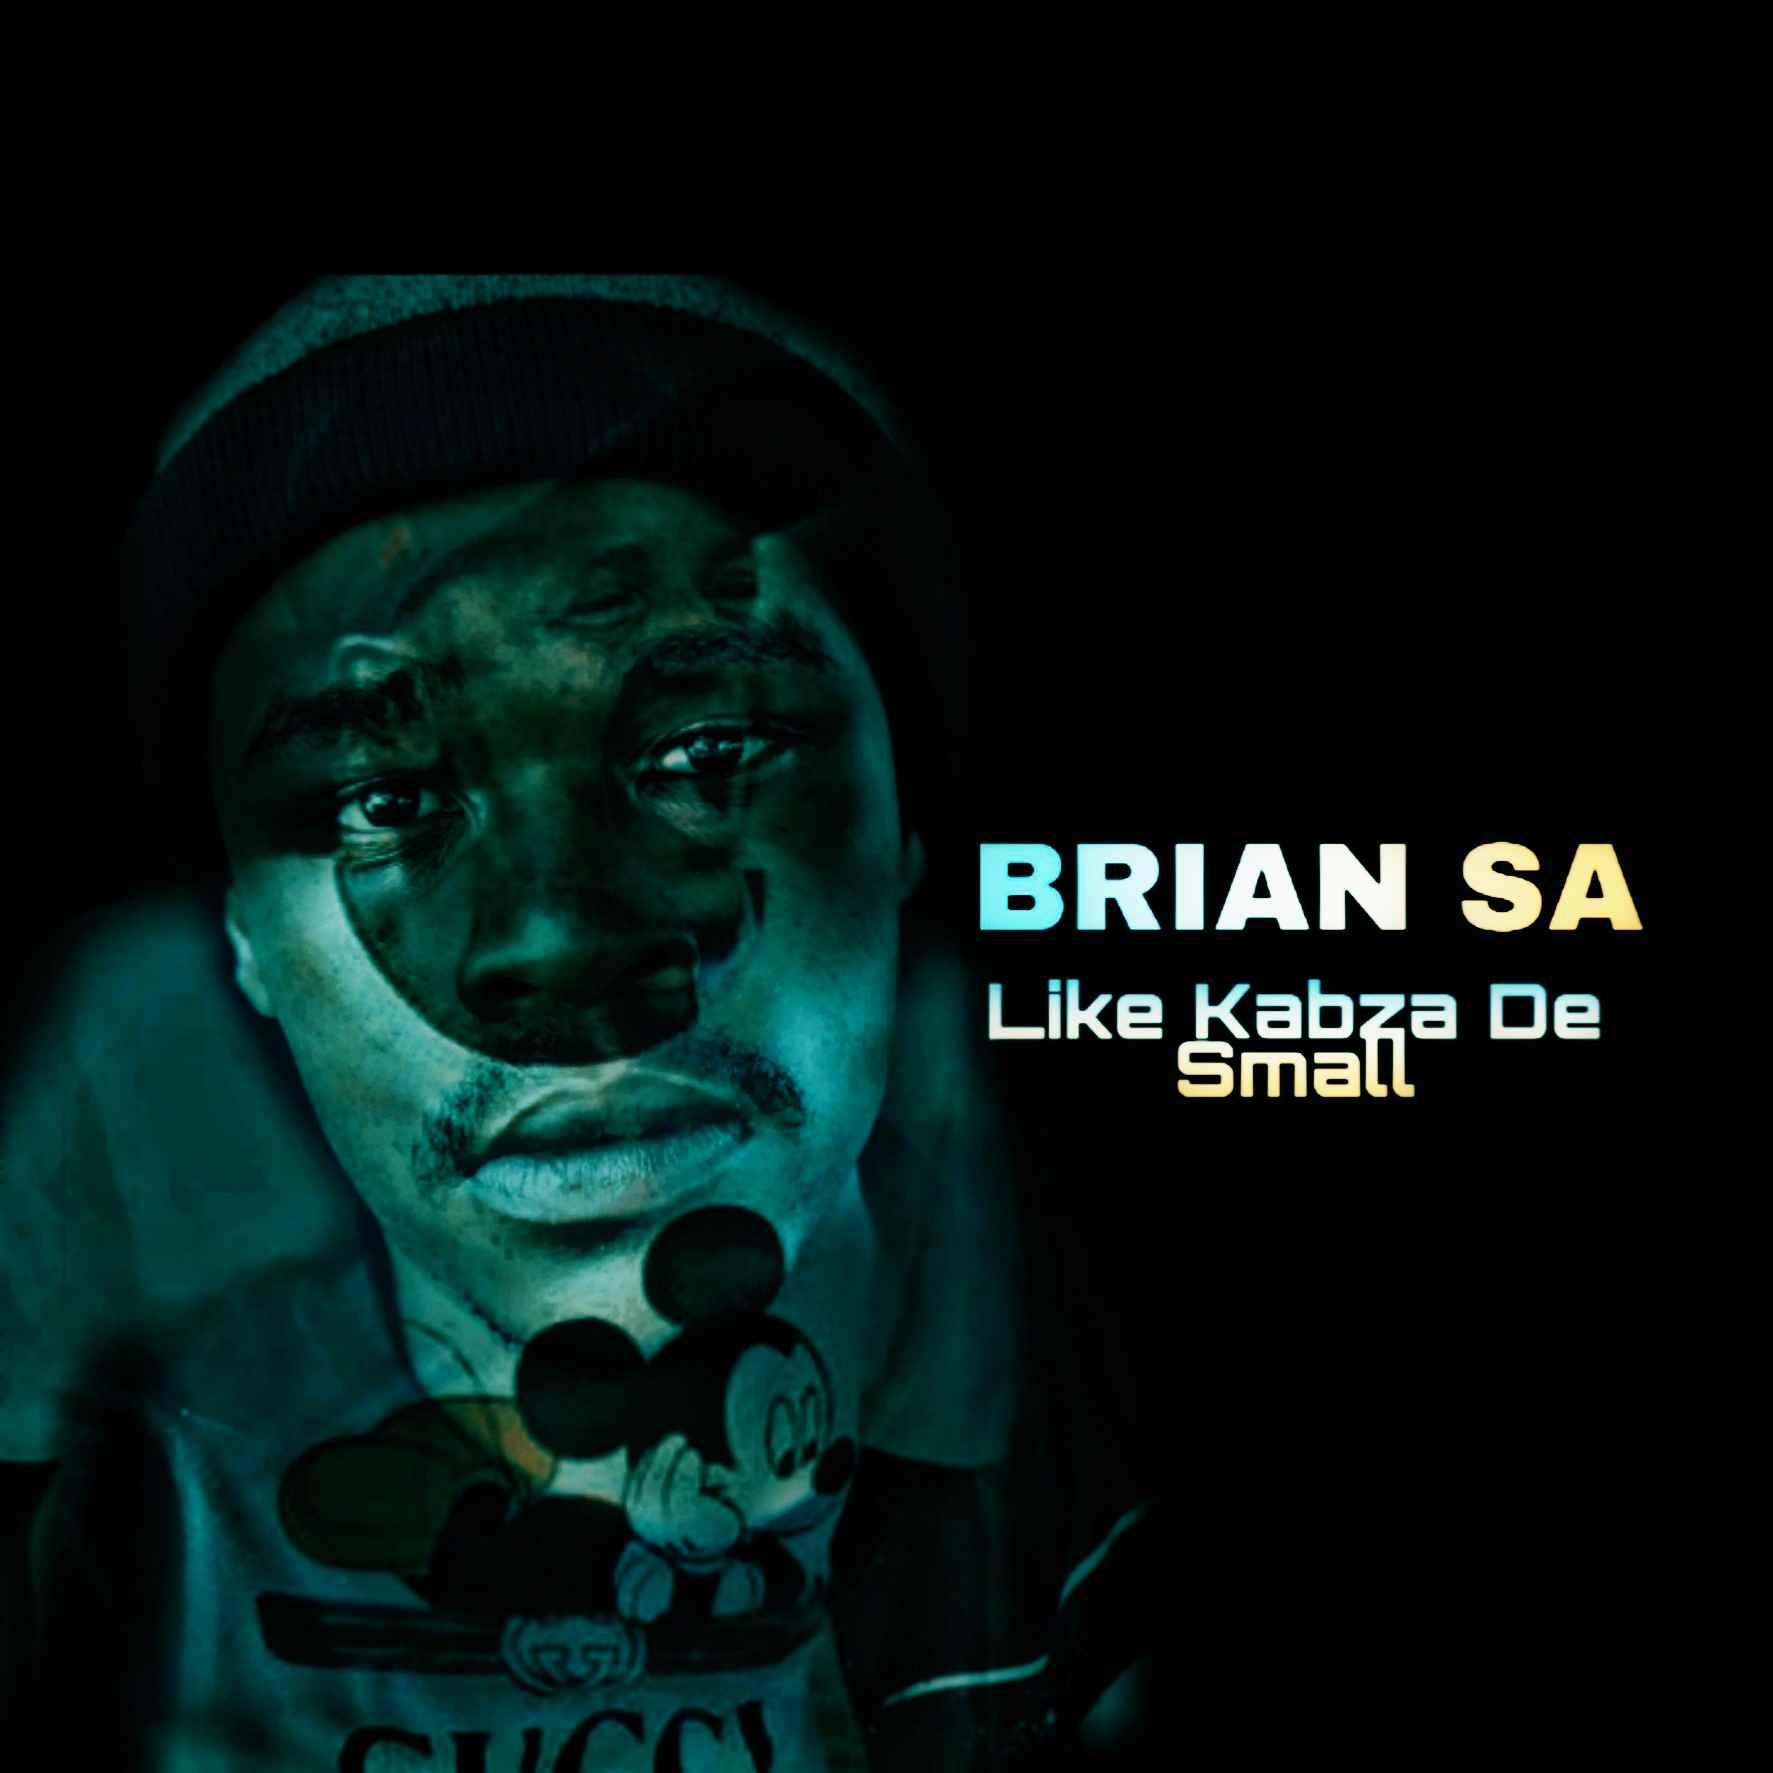 Brian SA – Like Kabza De Small